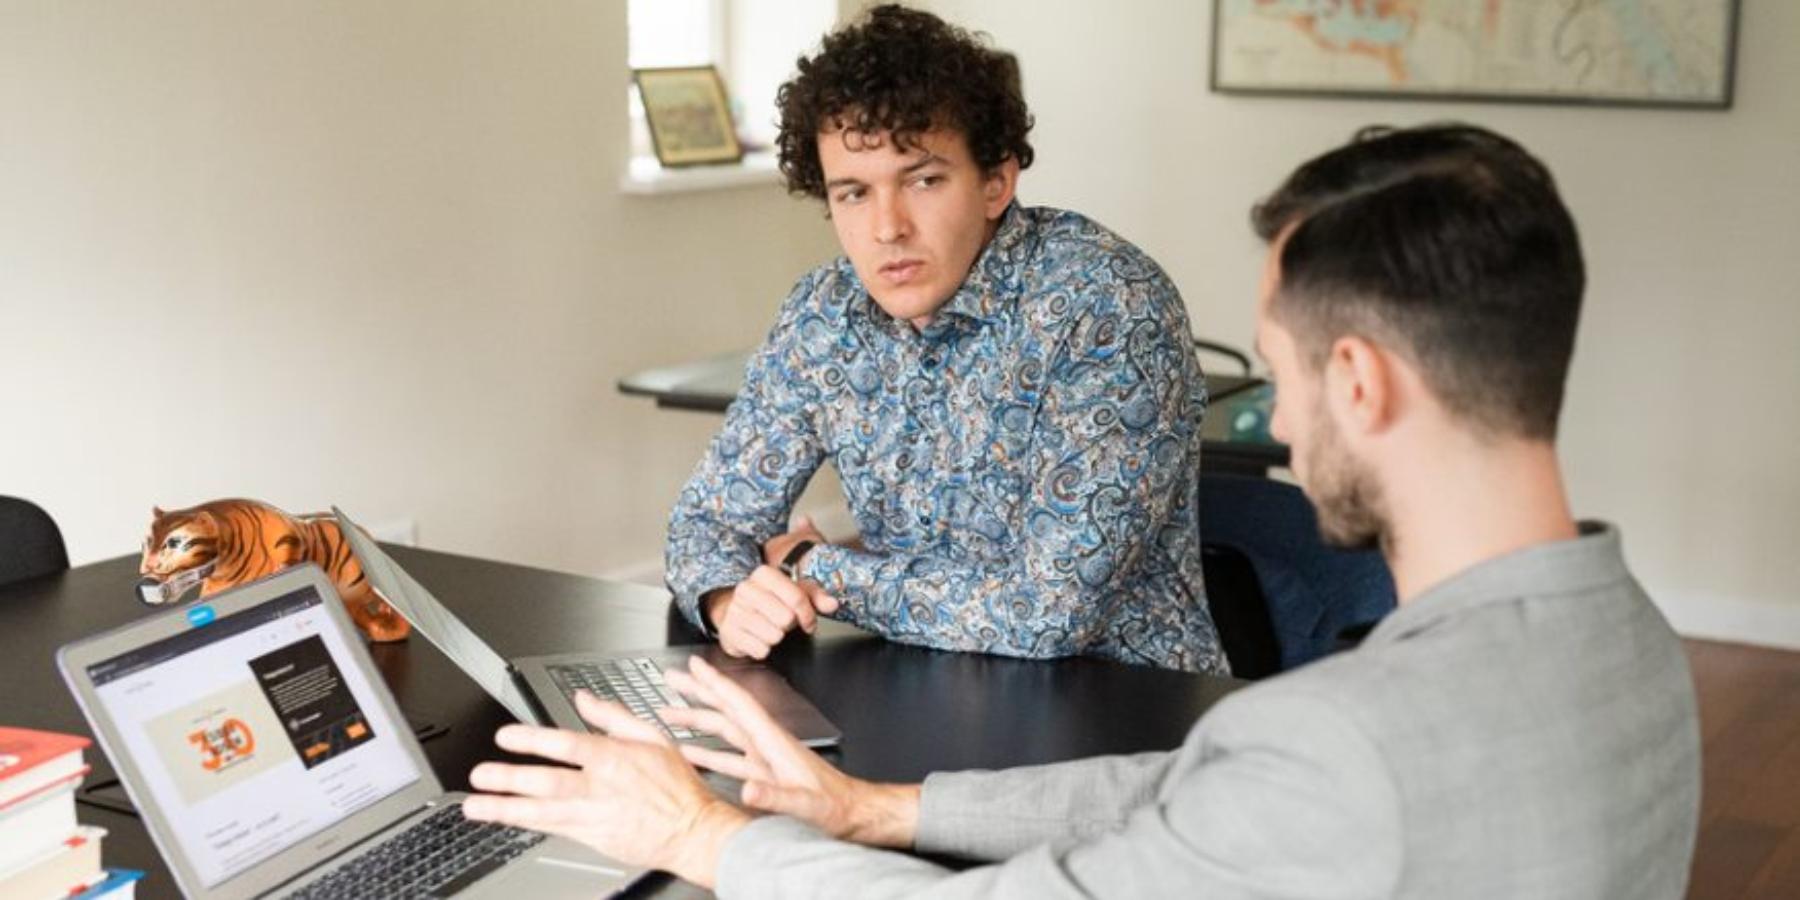 Obudowaniu dochodowej agencji interaktywnej. Franciszek Georgiew [AMA]